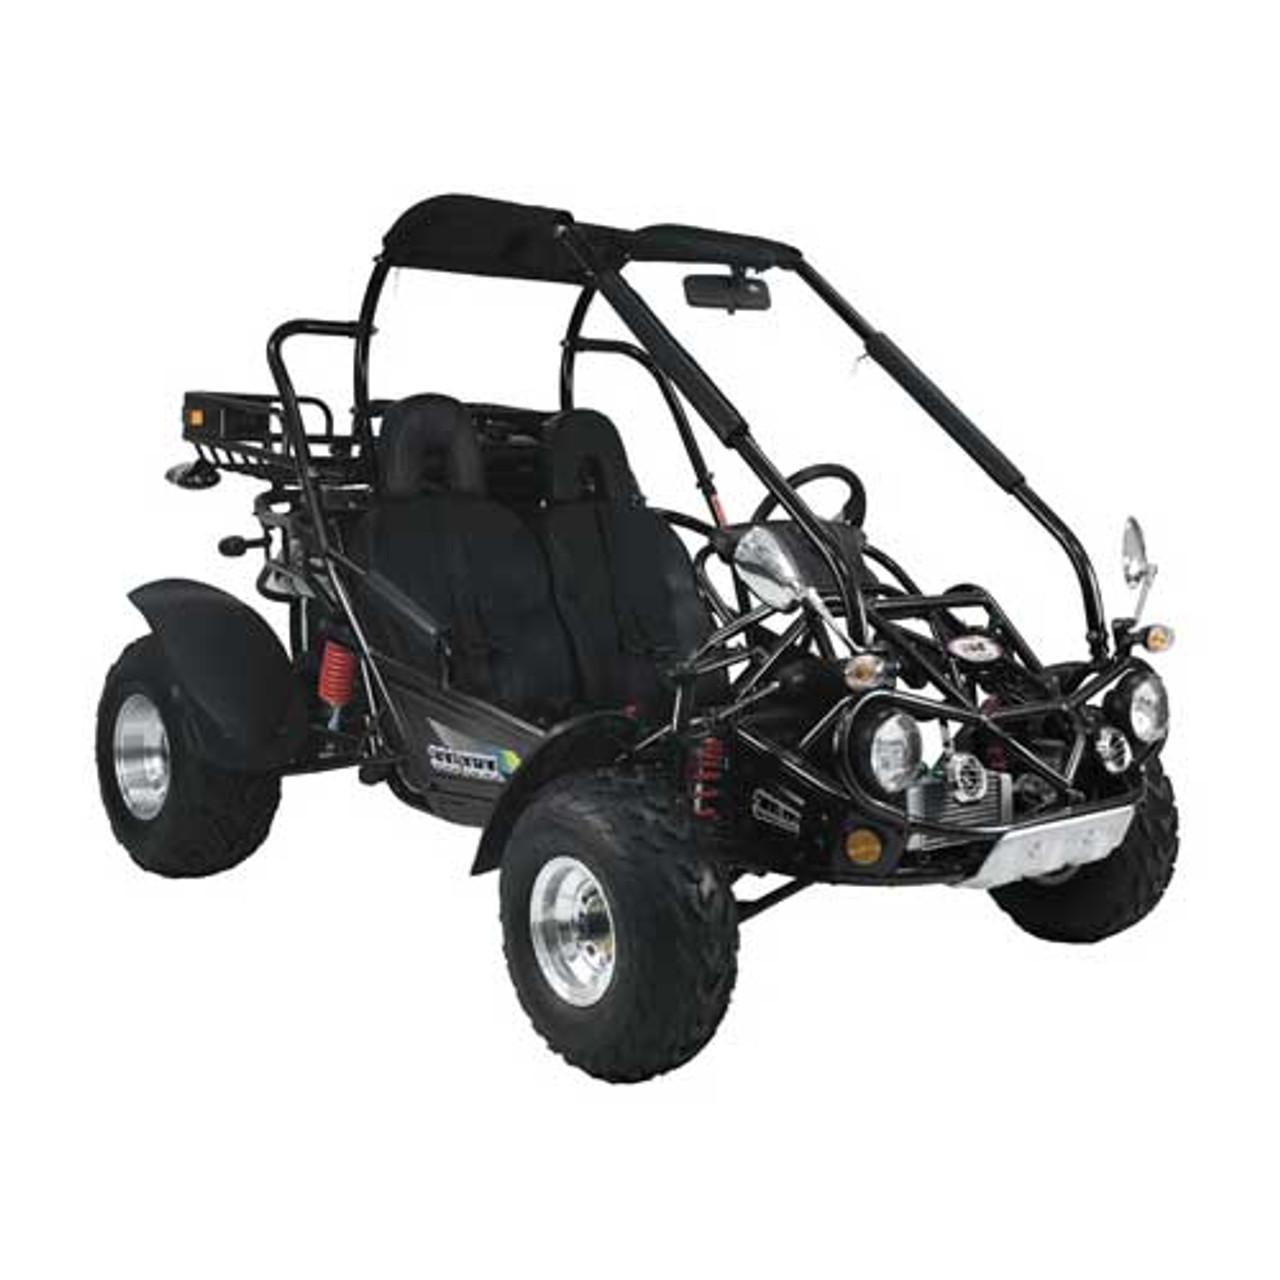 TrailMaster 300 XRX Go-Kart - Black